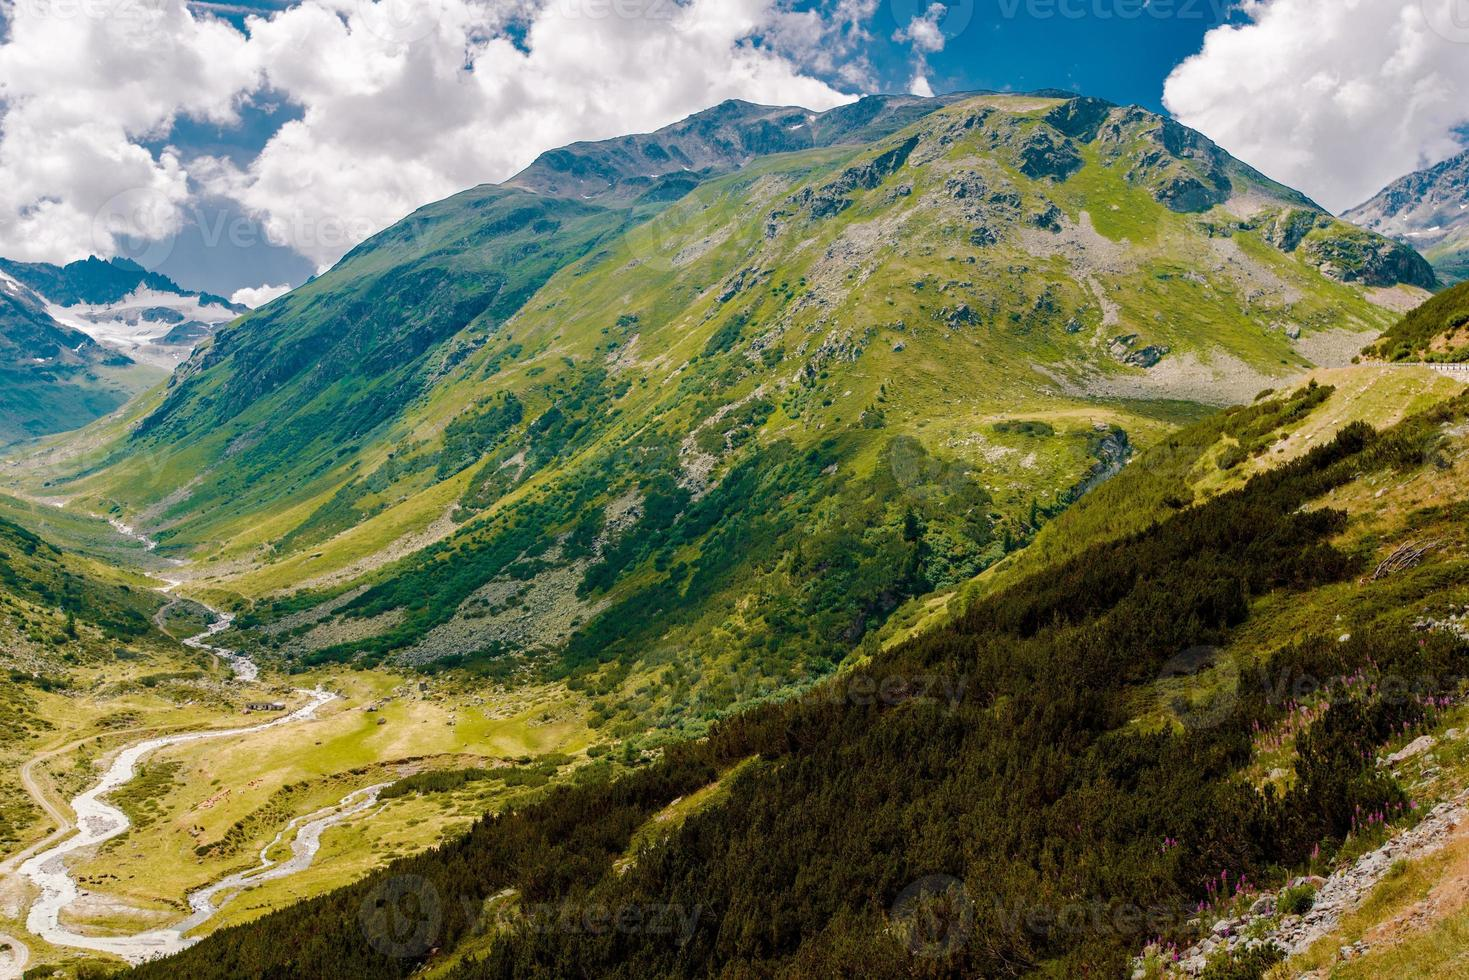 paysage alpes suisse photo